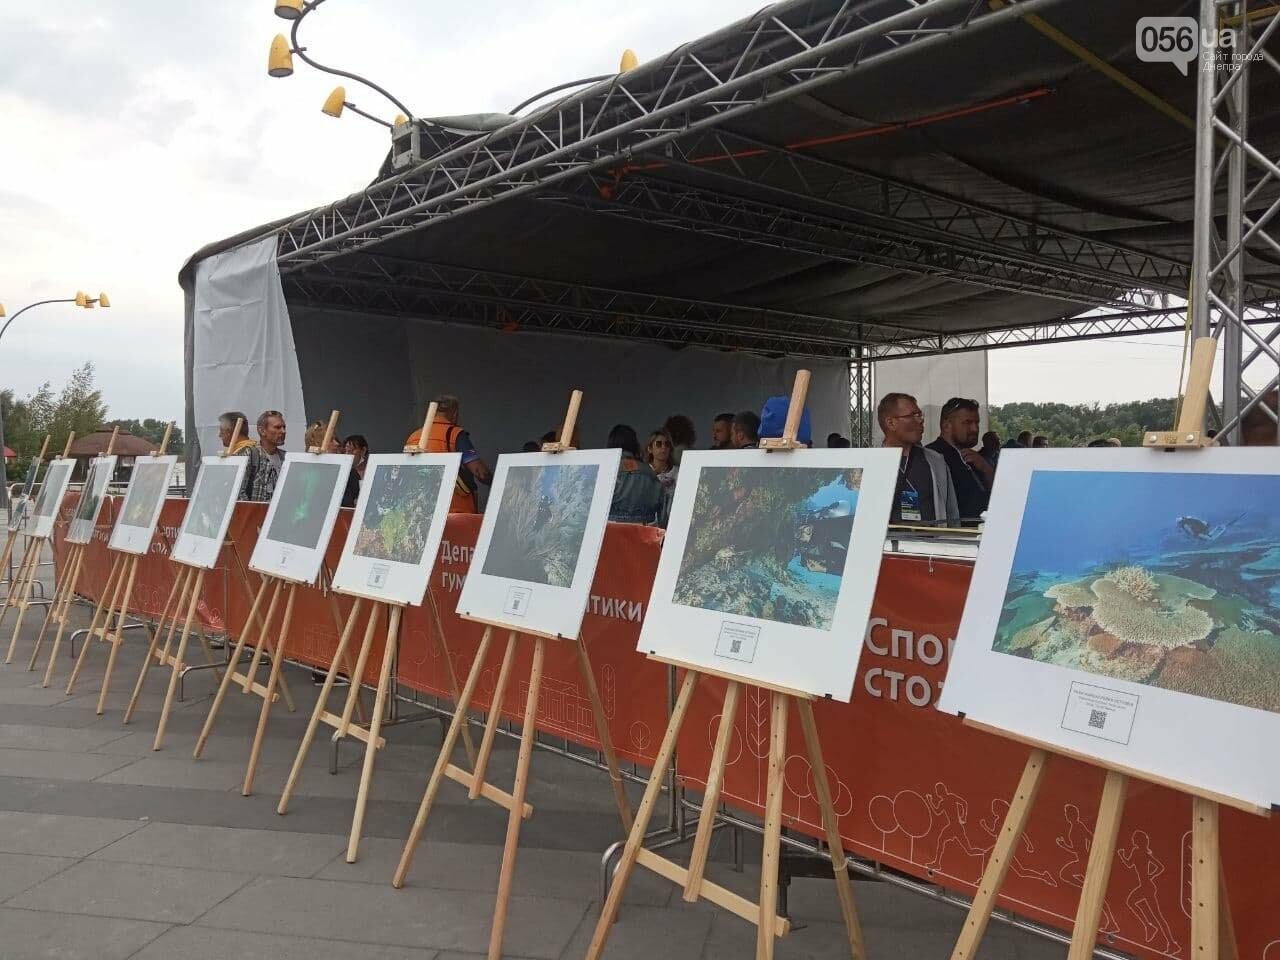 В Днепре провели первый в Украине Международный фестиваль дайвинга, - ФОТО, ВИДЕО, фото-1